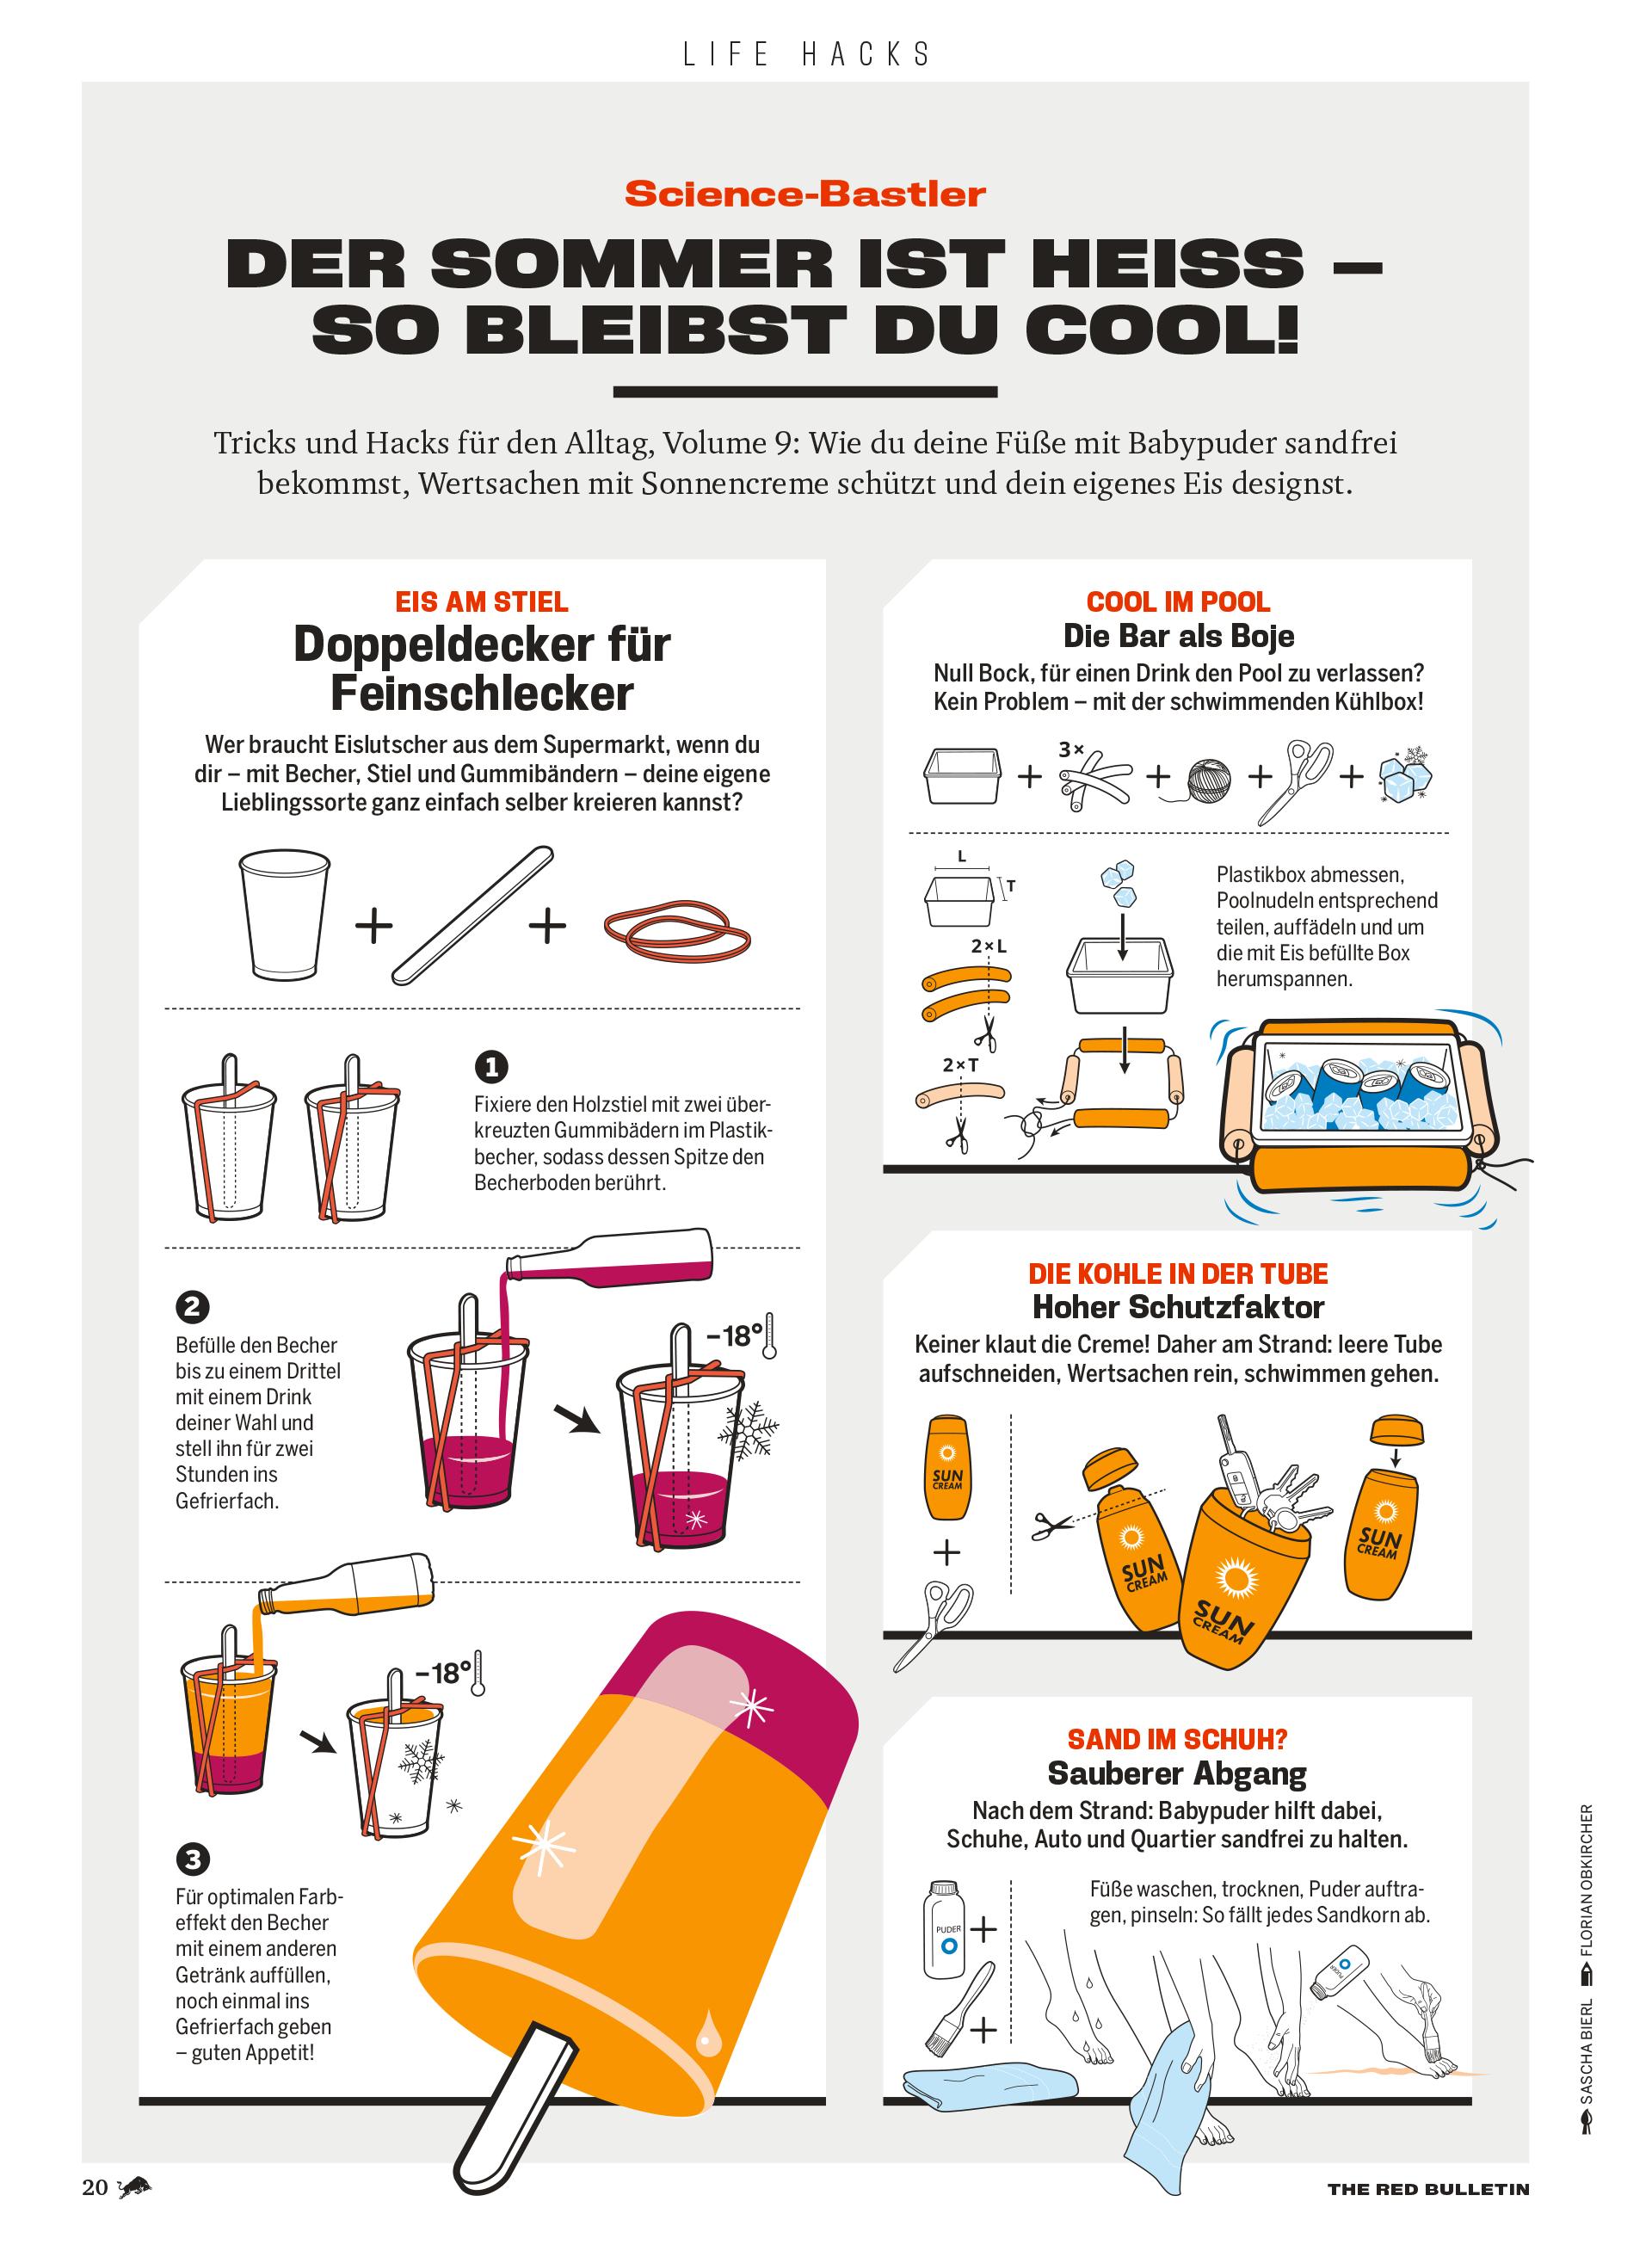 Illustrationen Red Bulletin Life Hacks Sommer Infografik